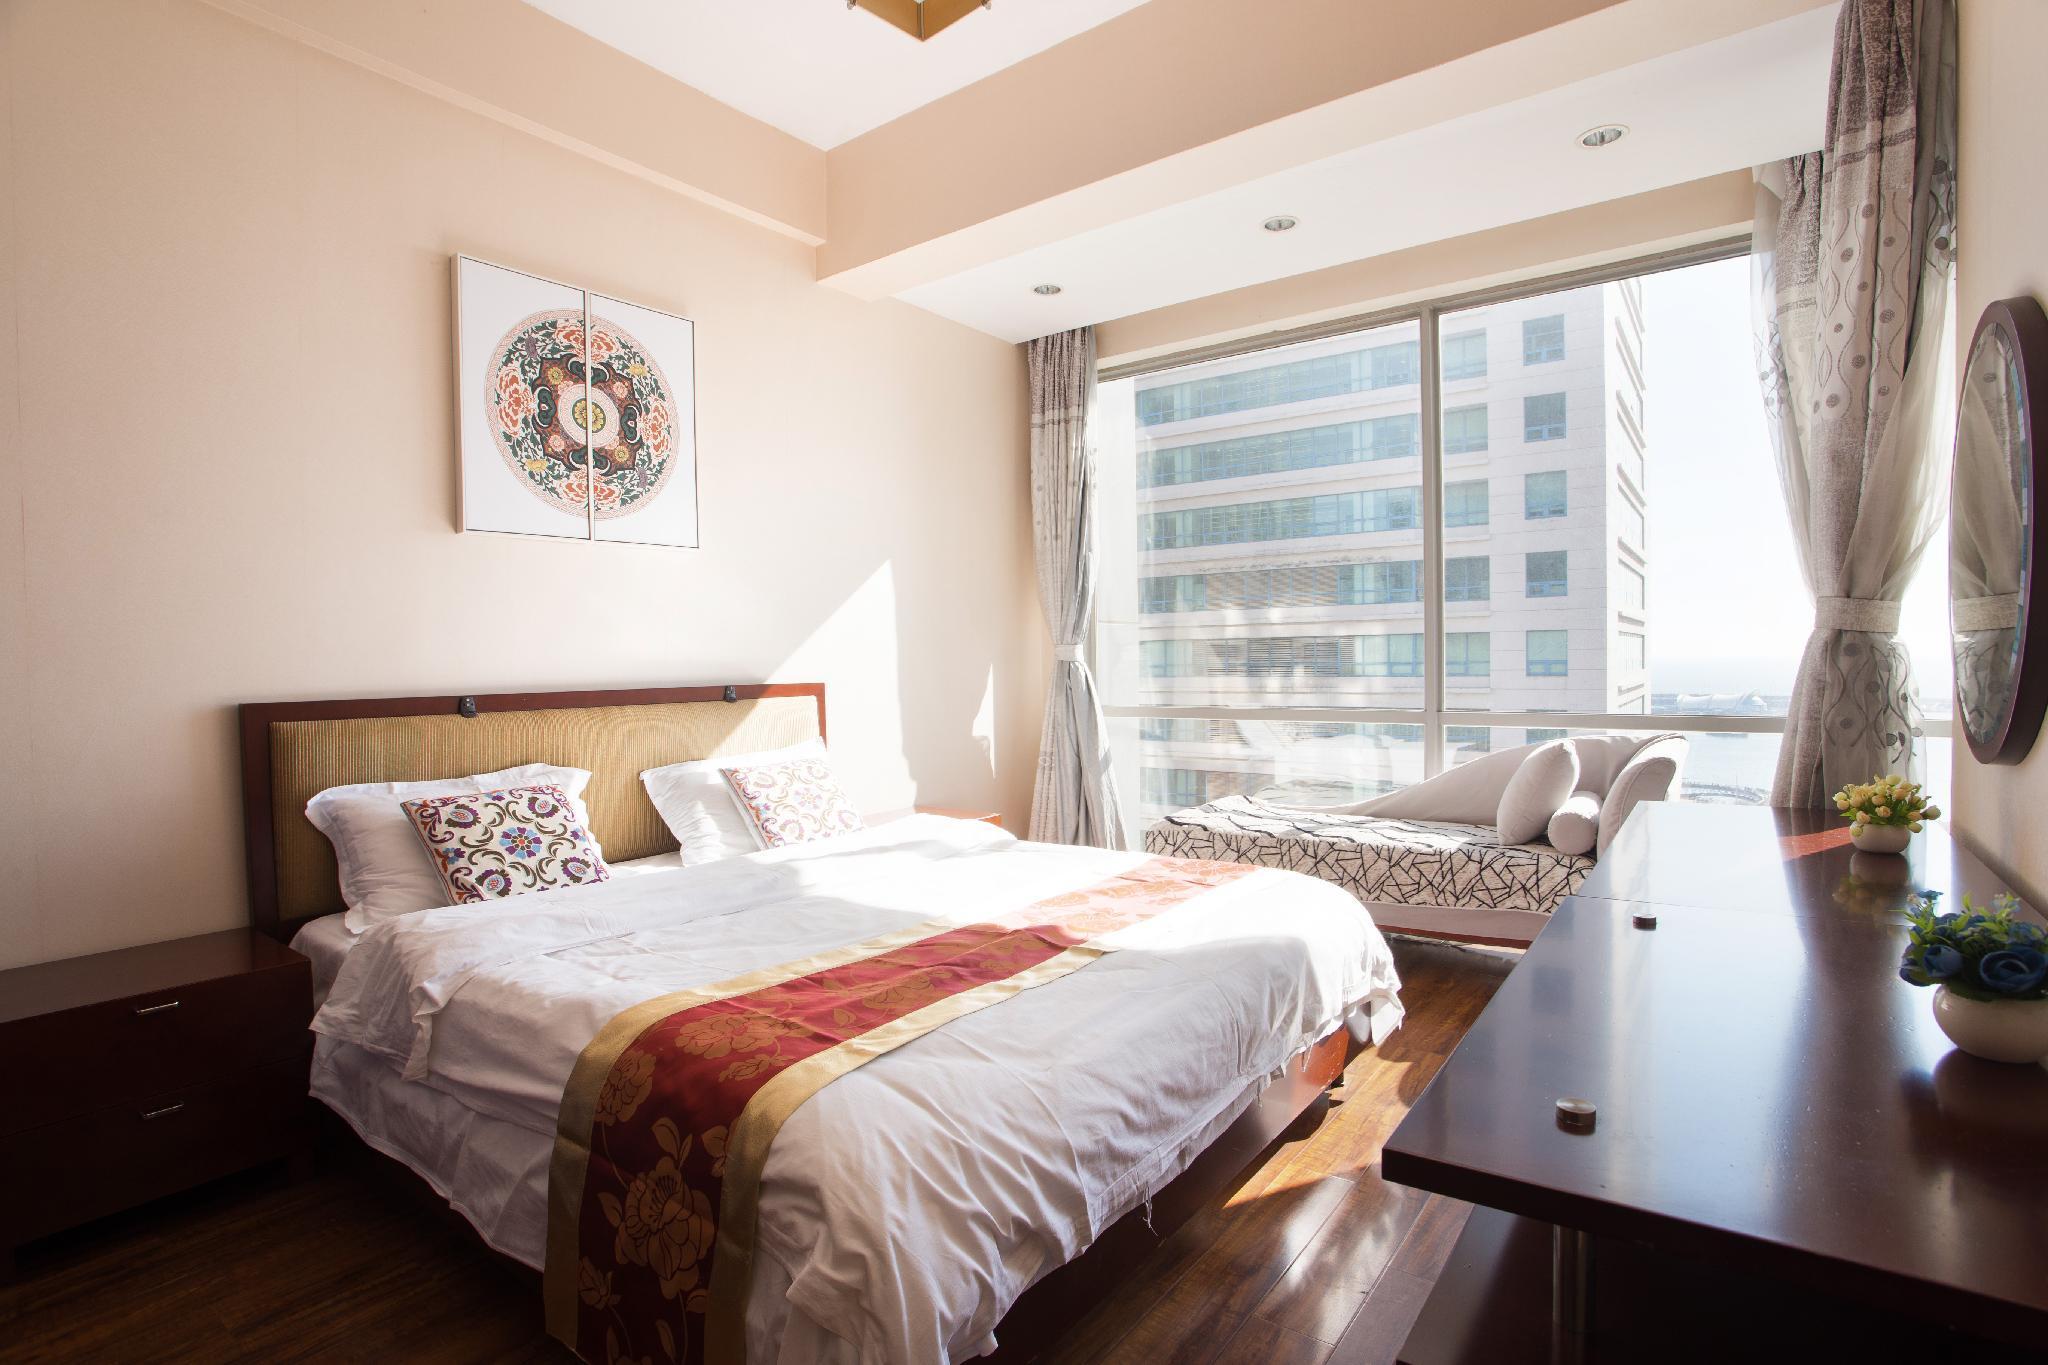 Qingdao 52 Square Meter Apartment Hotel